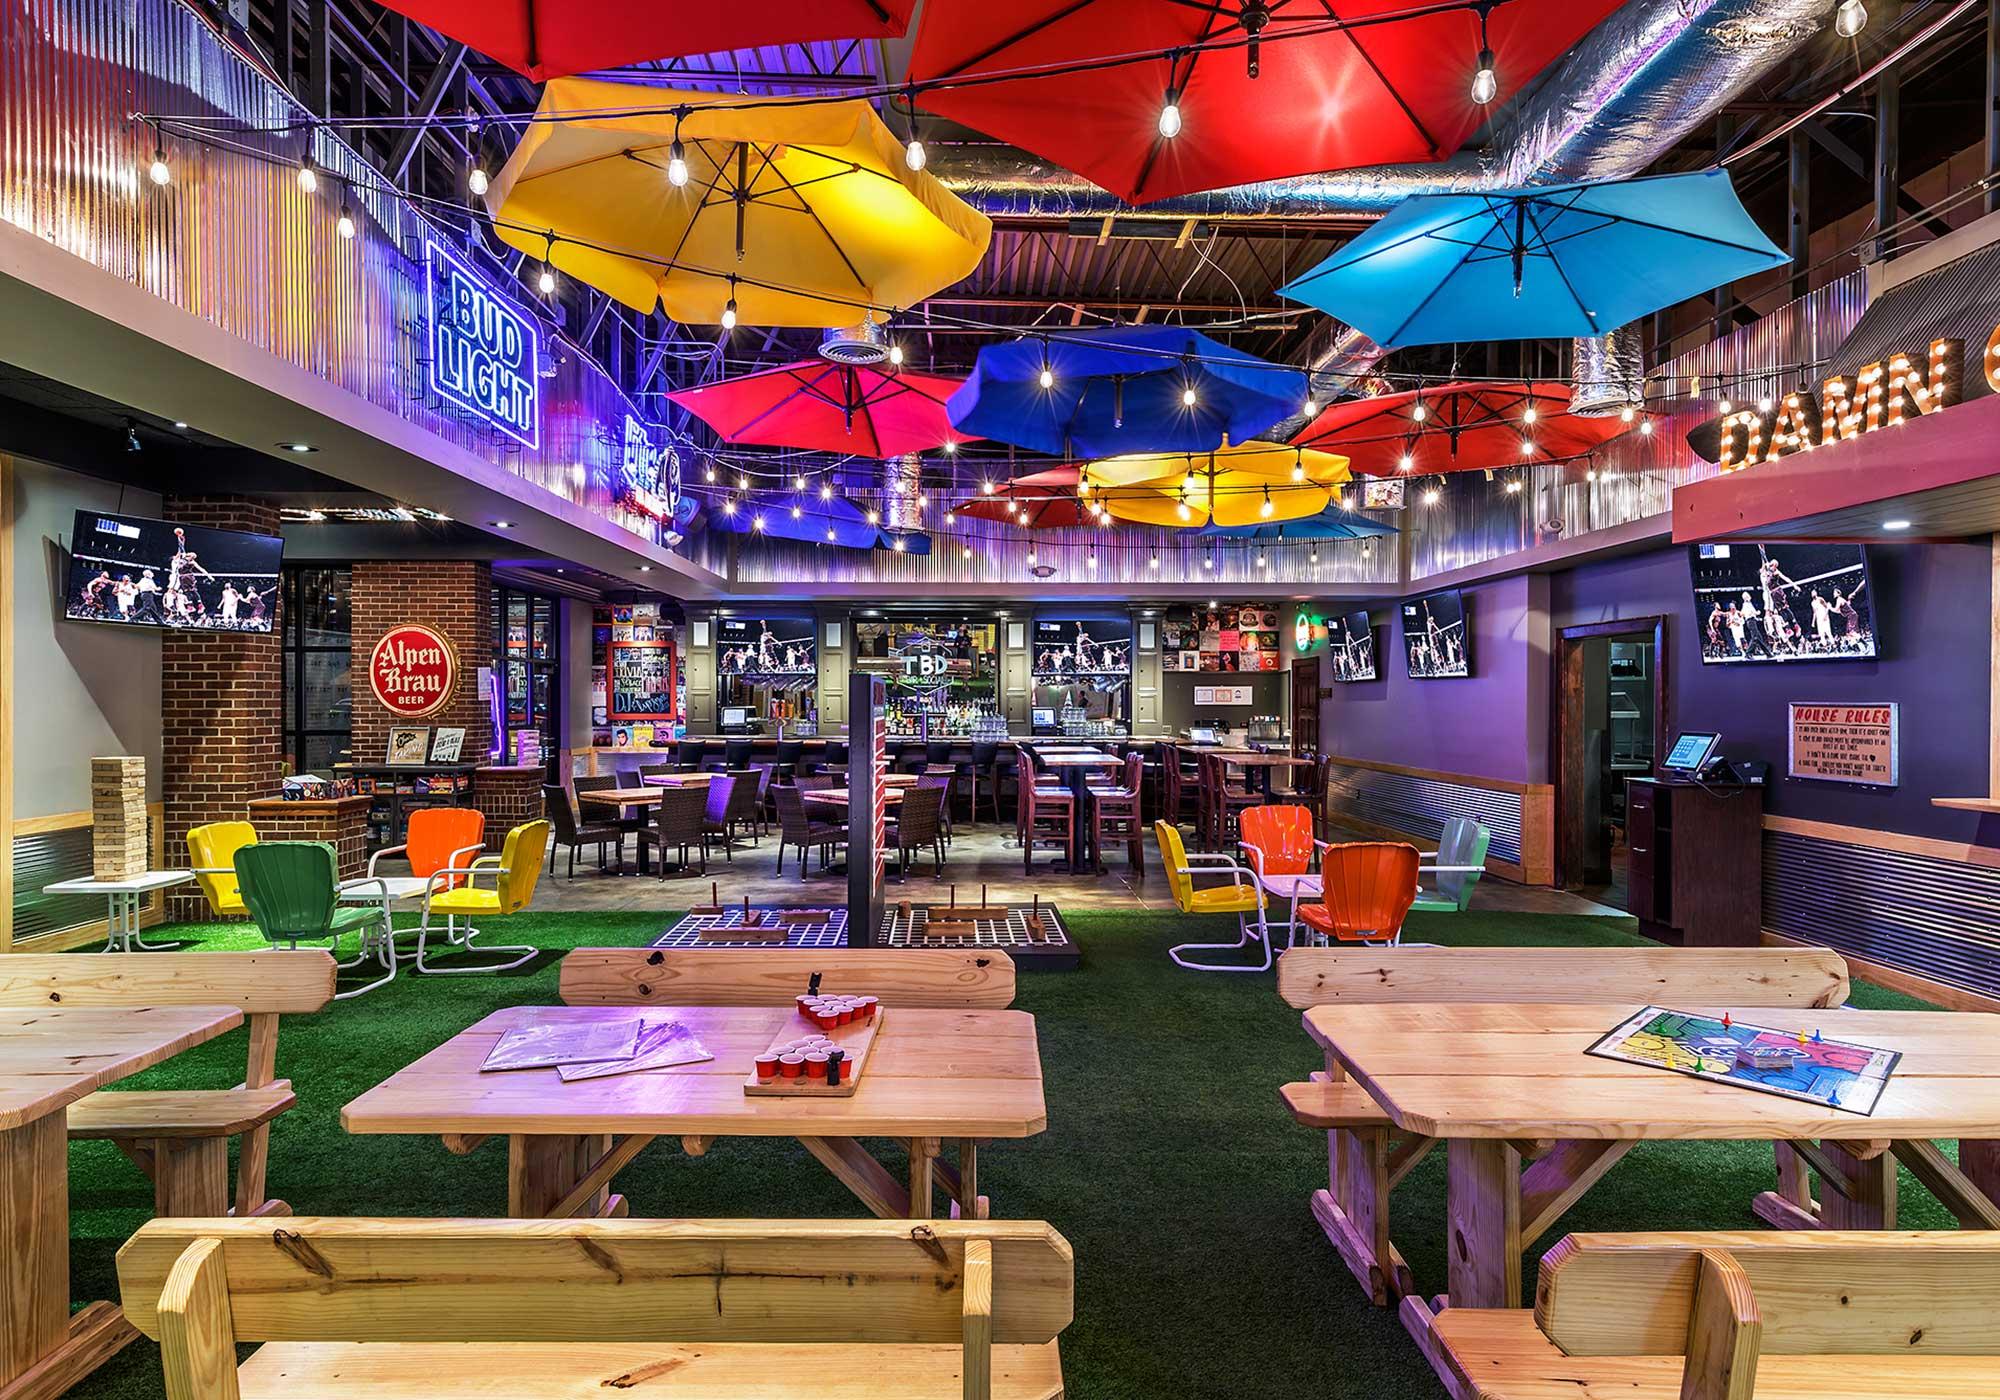 Large, open room with umbrella lighting fixtures